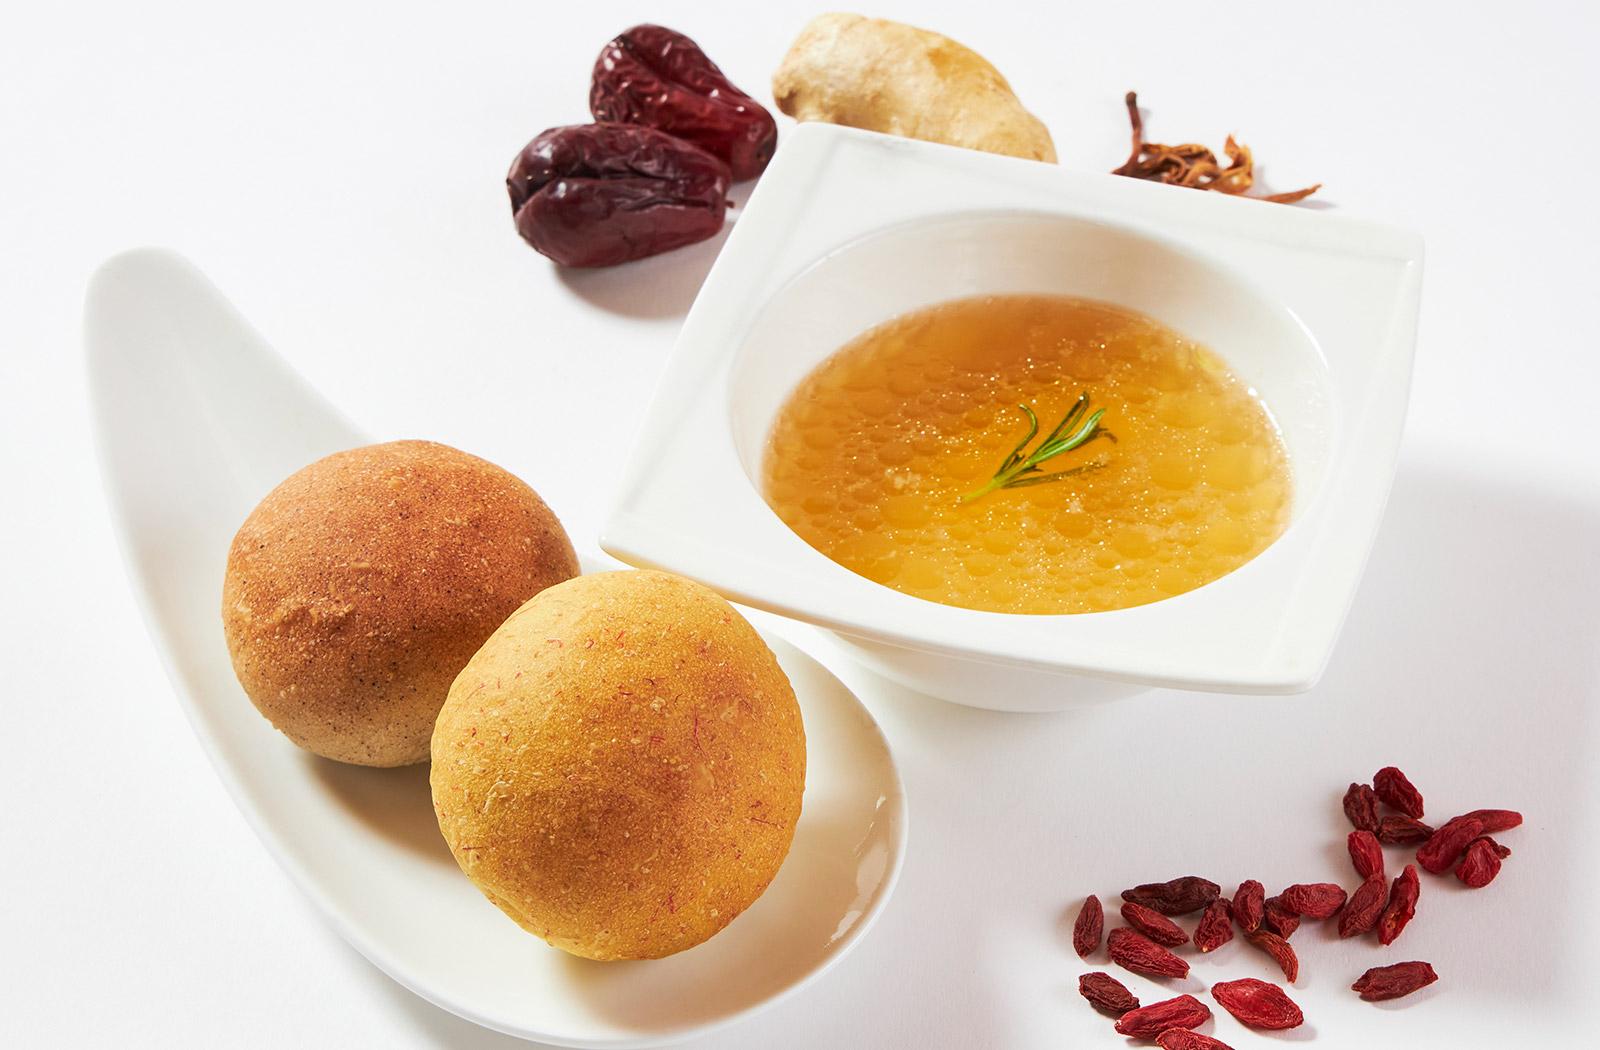 香膳スープセット2食分 (黒米パン・ 紅花パン 各2個付き)